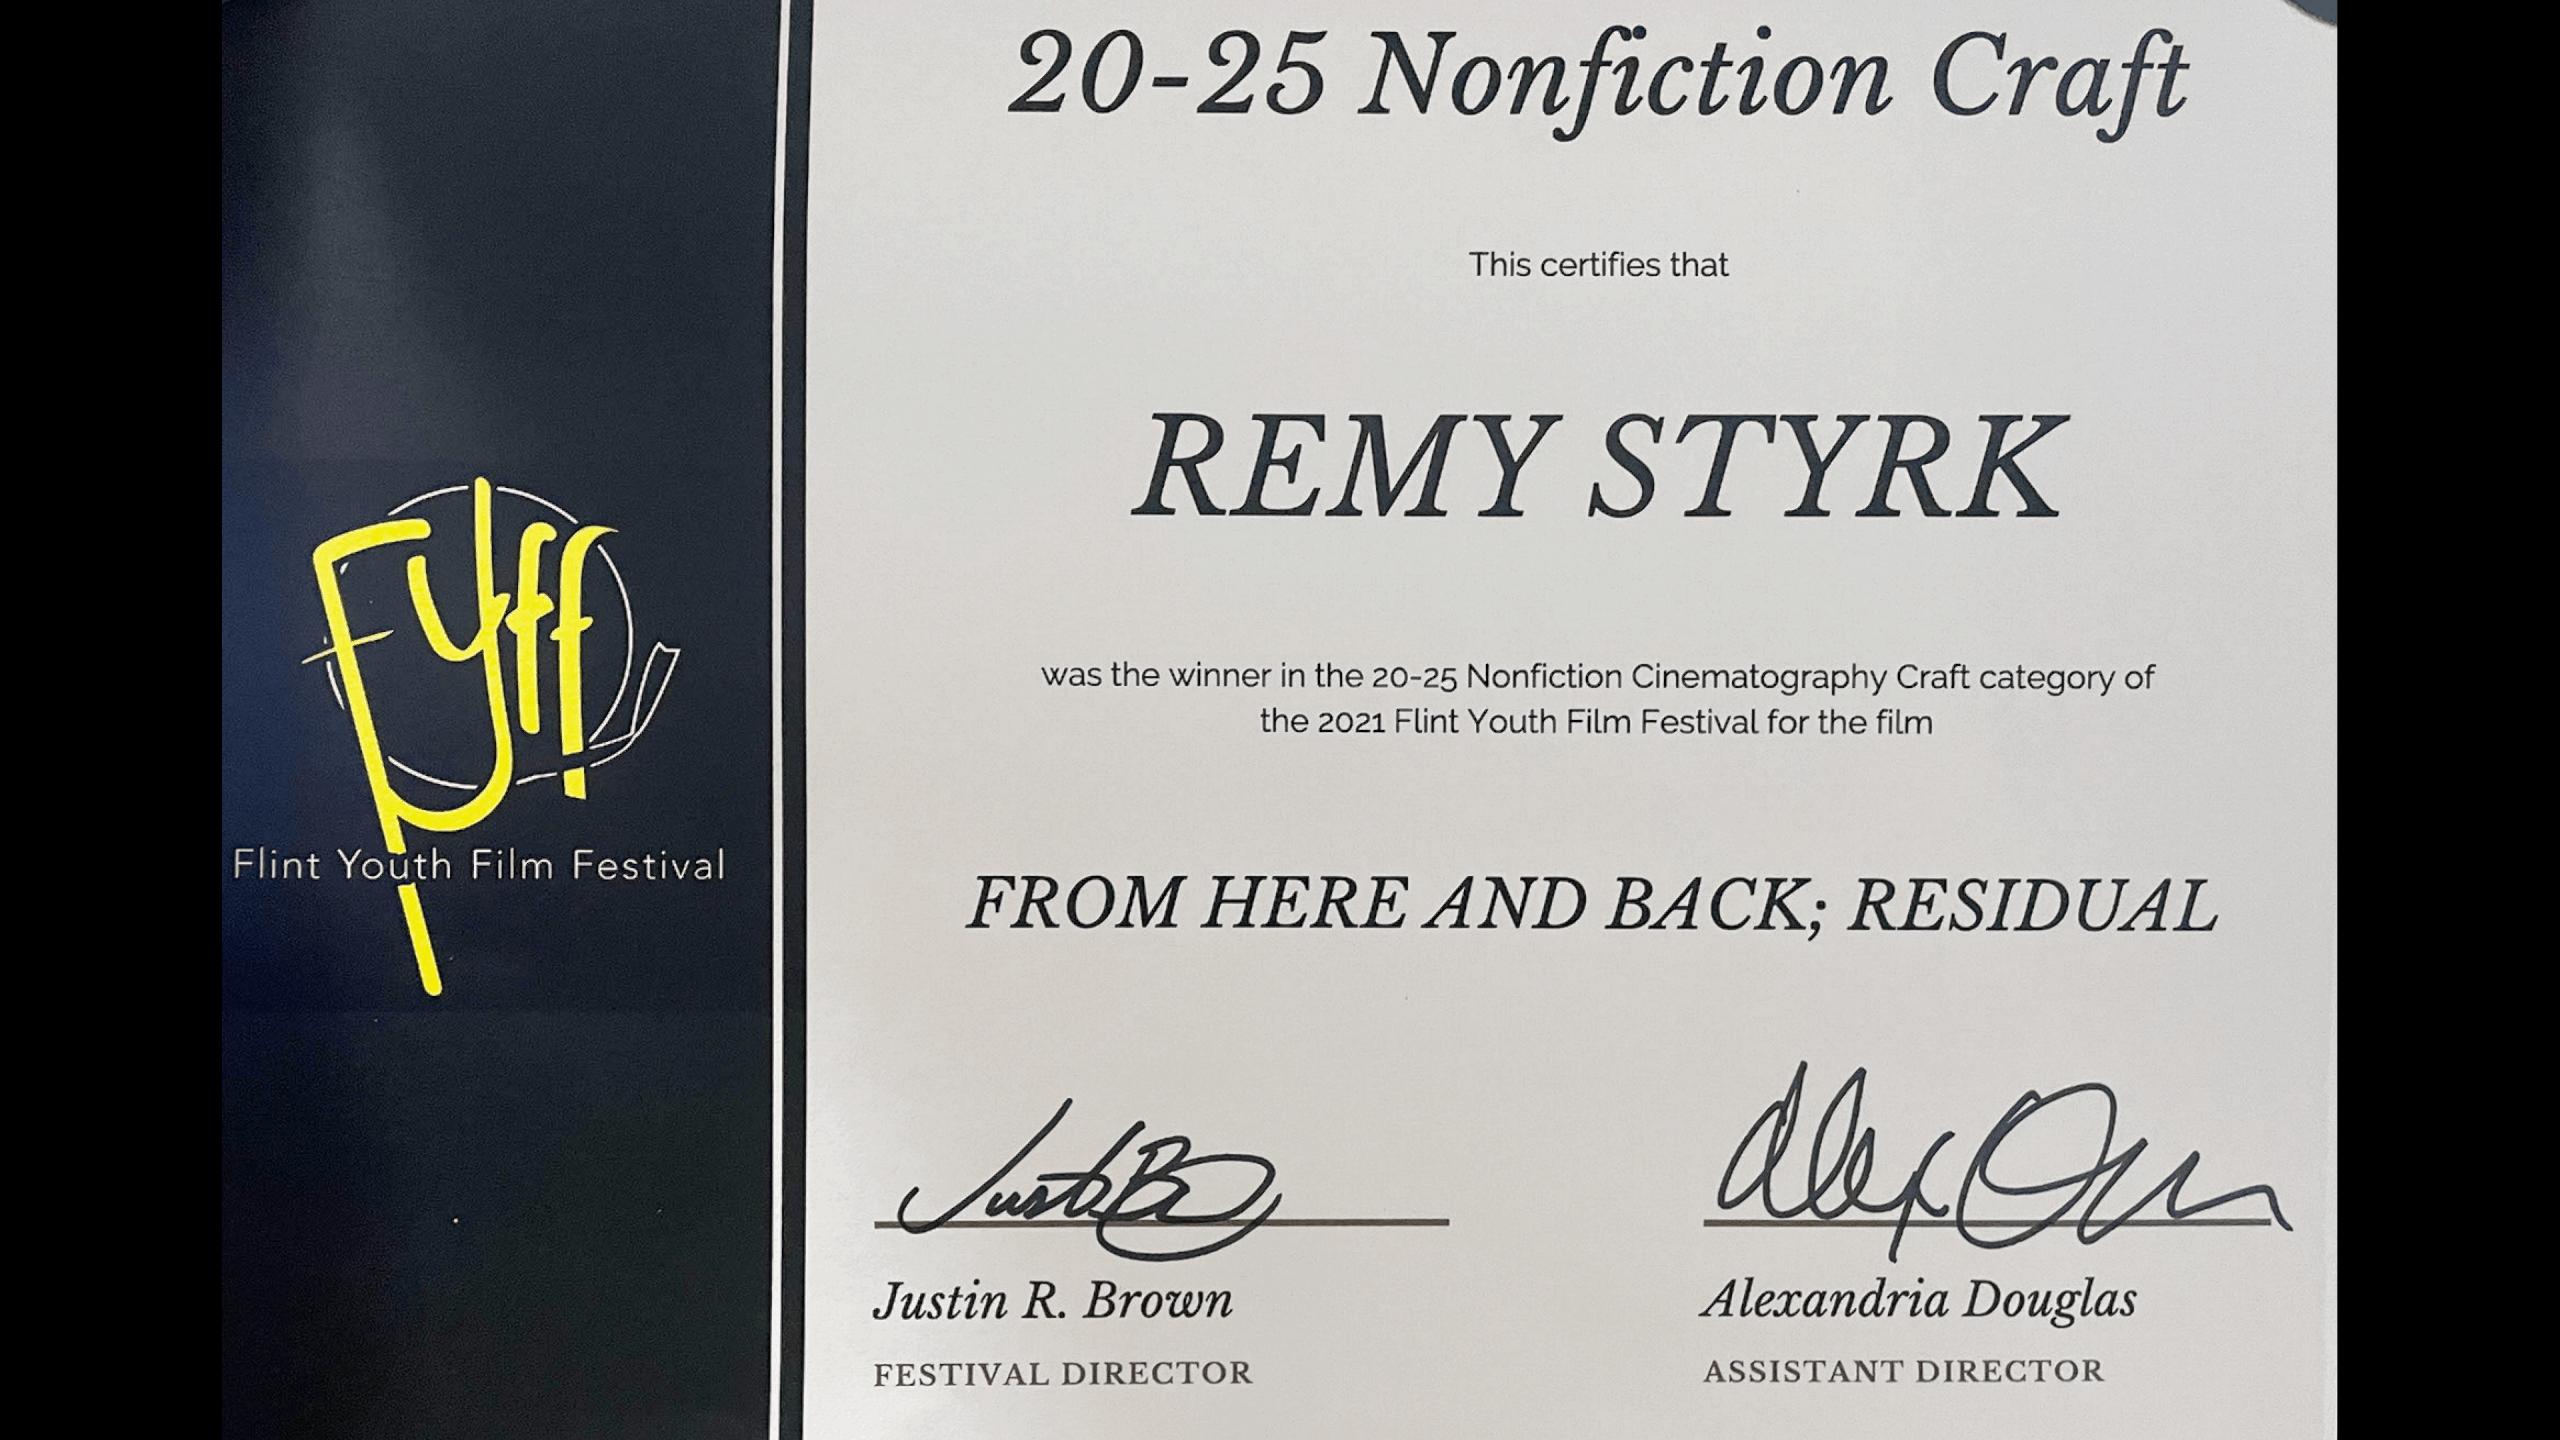 fyff winner certificate (1)